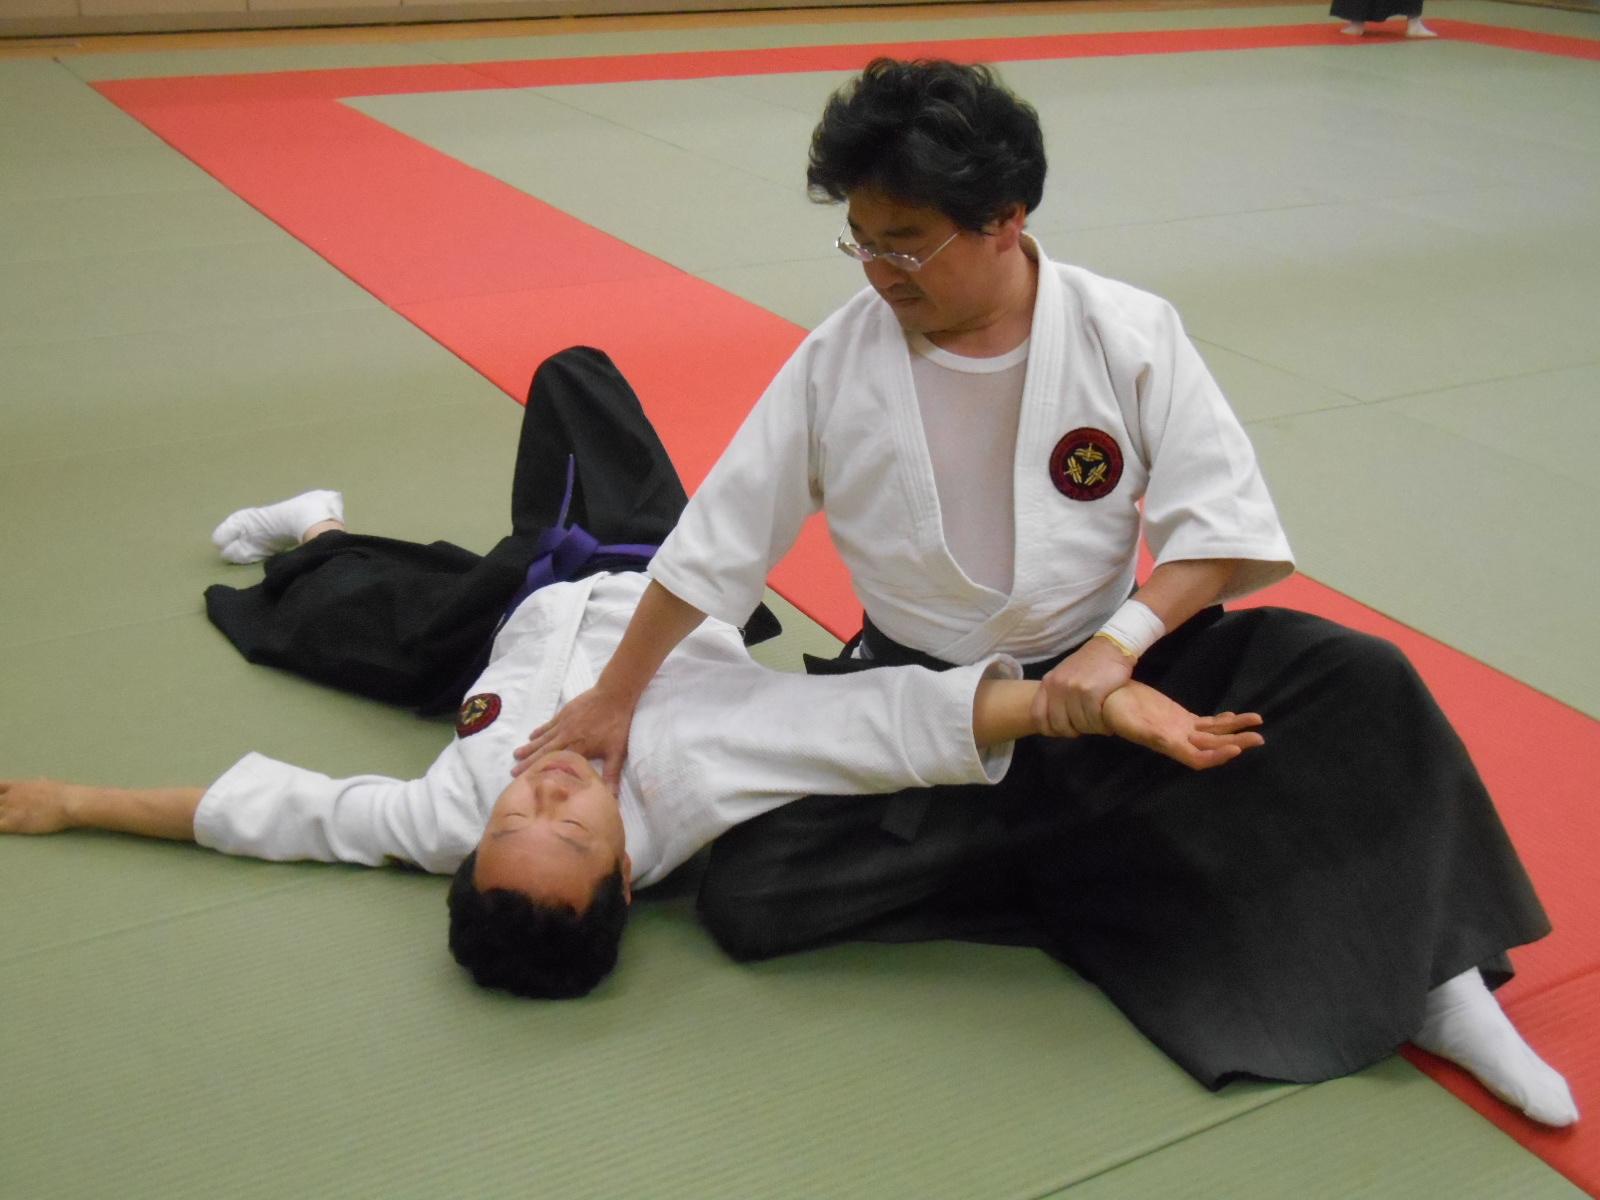 技法「ためる」 : 国際水月塾武術協会 International Suigetsujuku ...